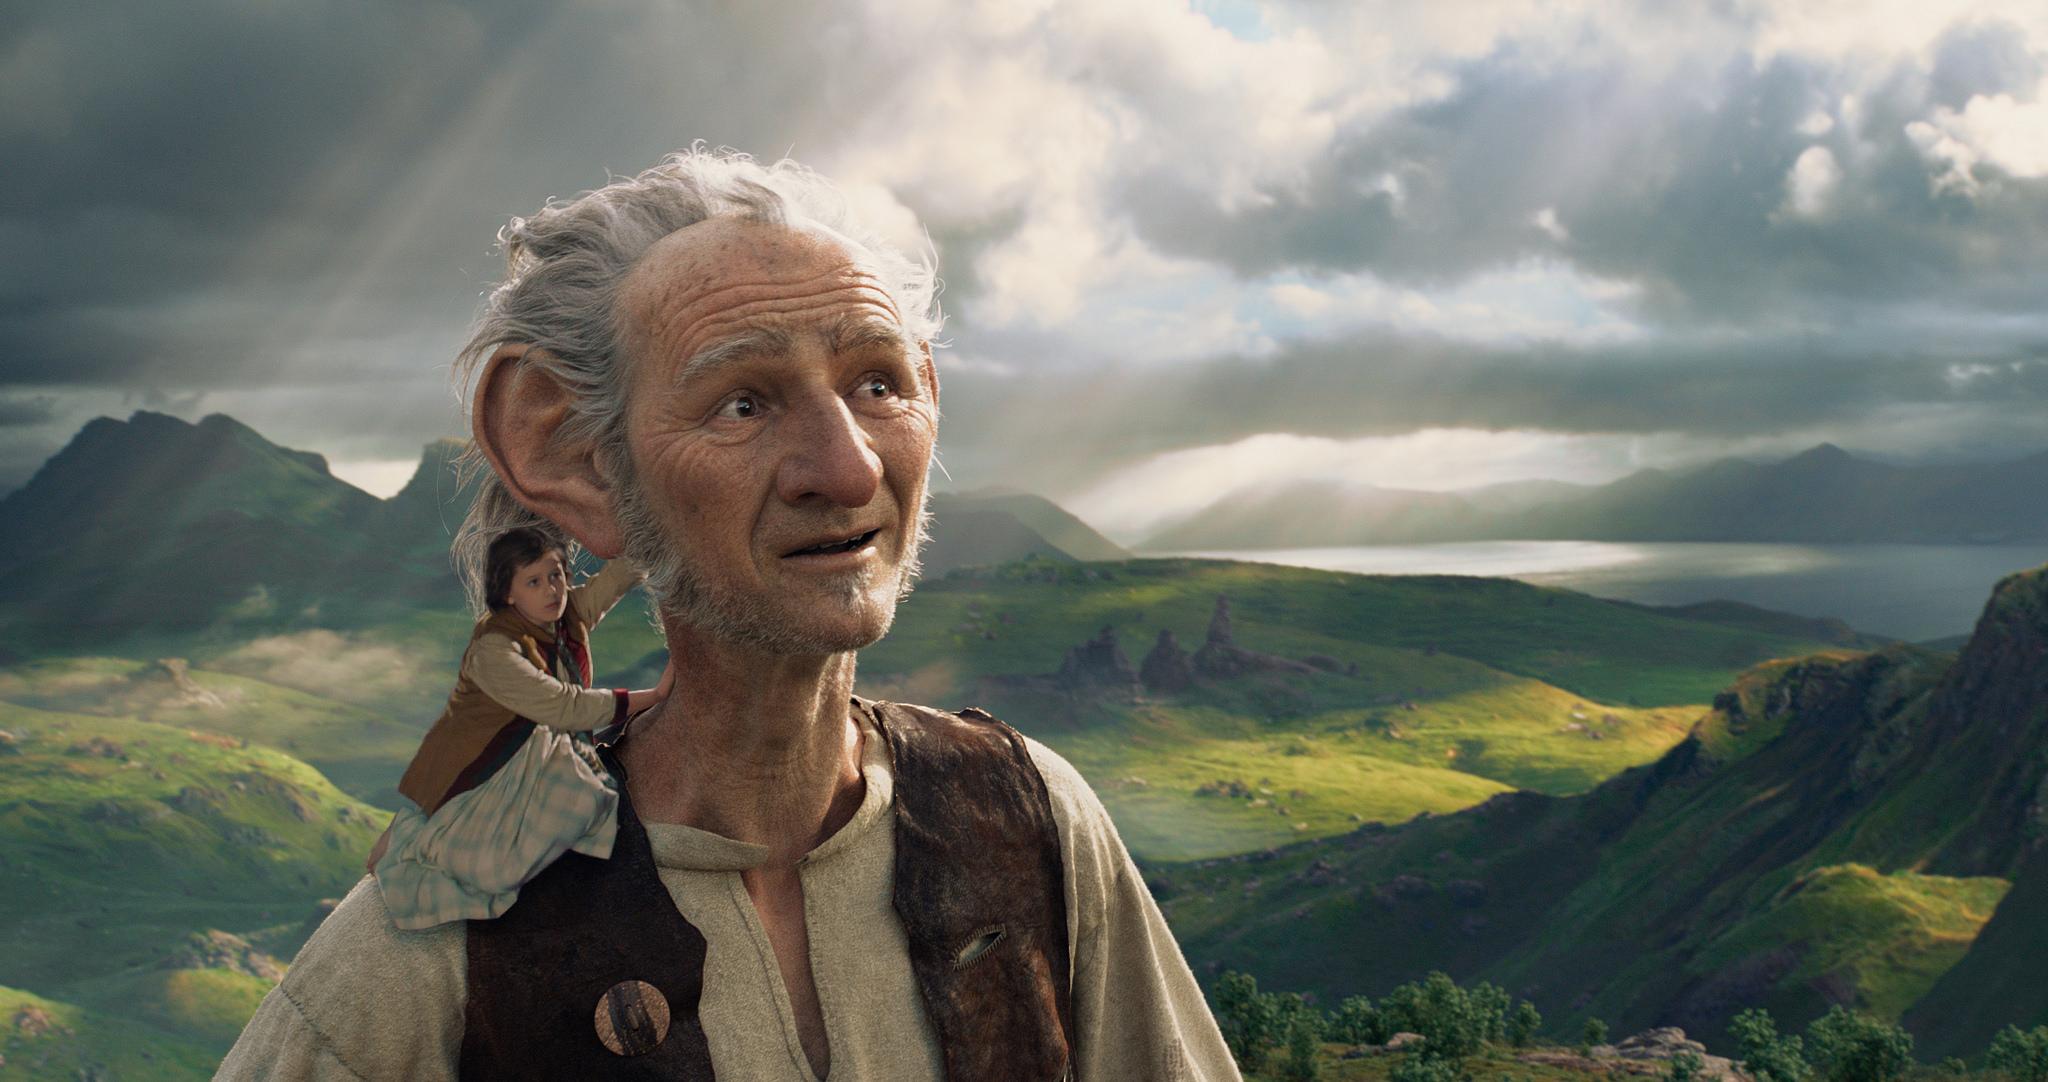 Stora vänliga jätten är en av Roald Dahls böcker. Den kom som film i år.